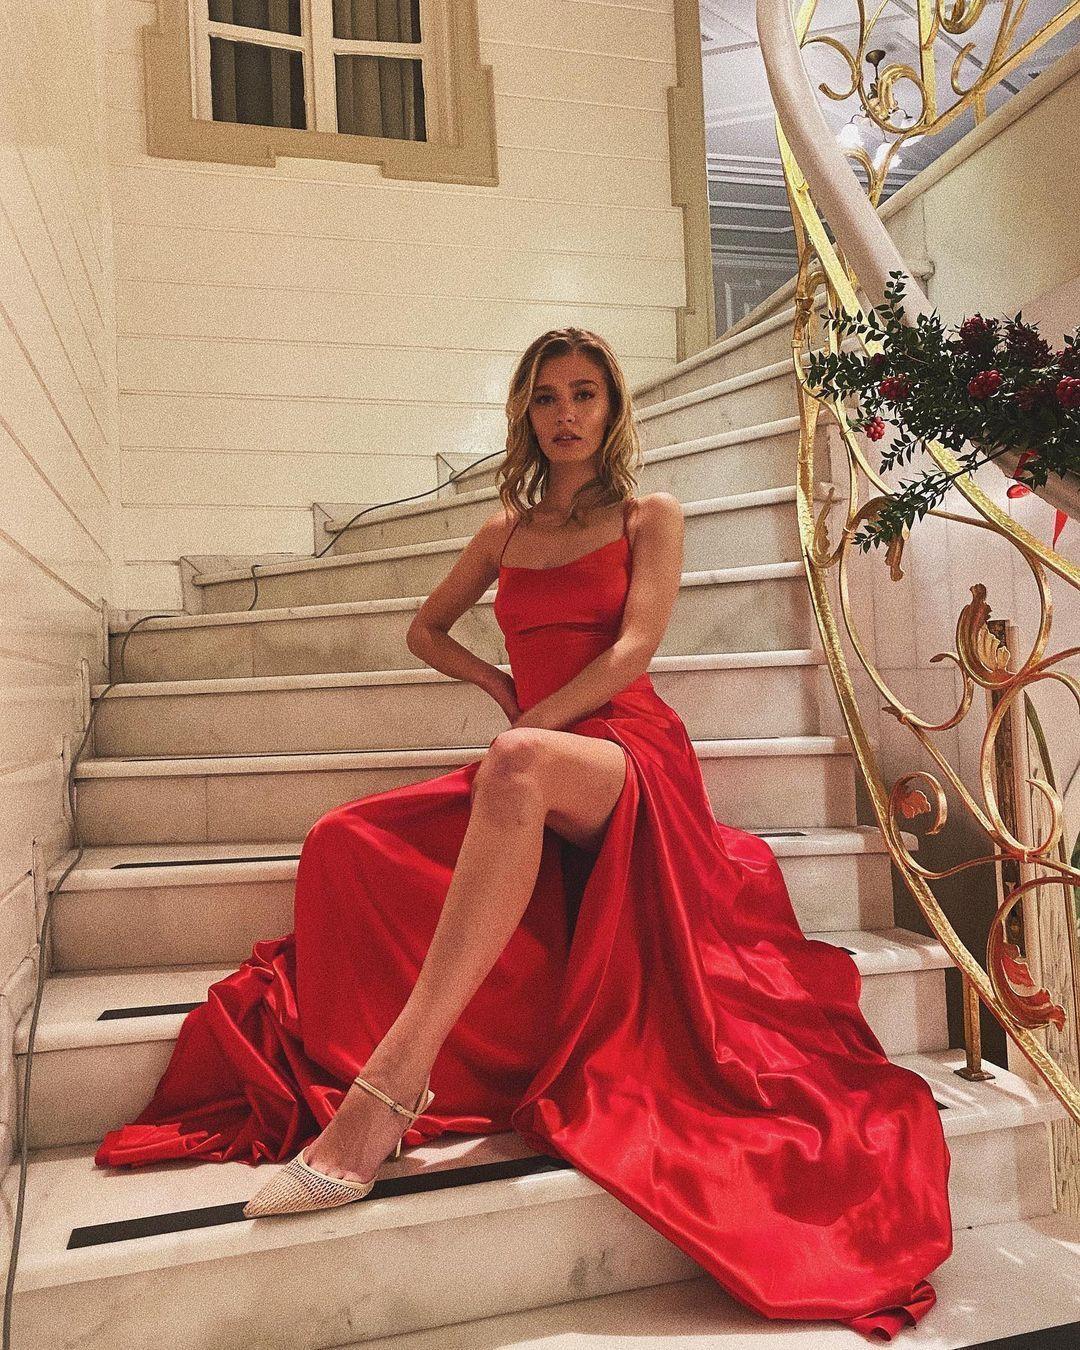 Aşk Mantık İntikam'ın Çağla'sı Melisa Döngel derin göğüs dekolteli poz! Instagram'ı yaktı geçti... - Sayfa 1